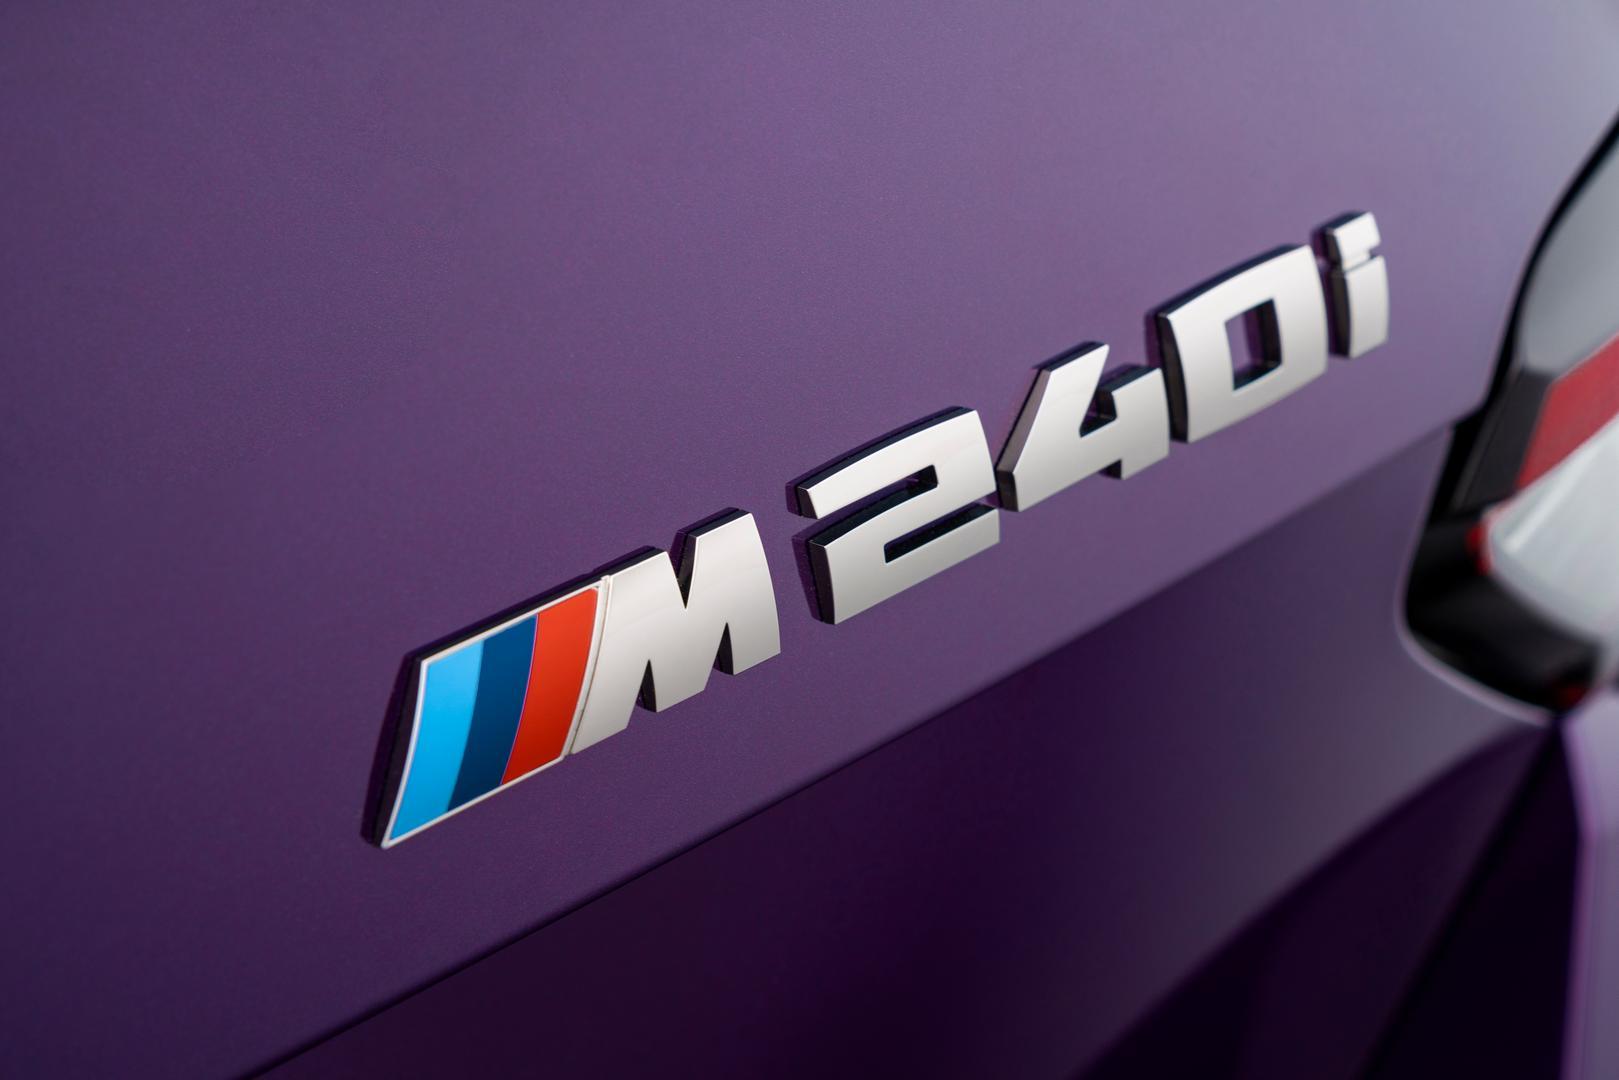 M240i Badge